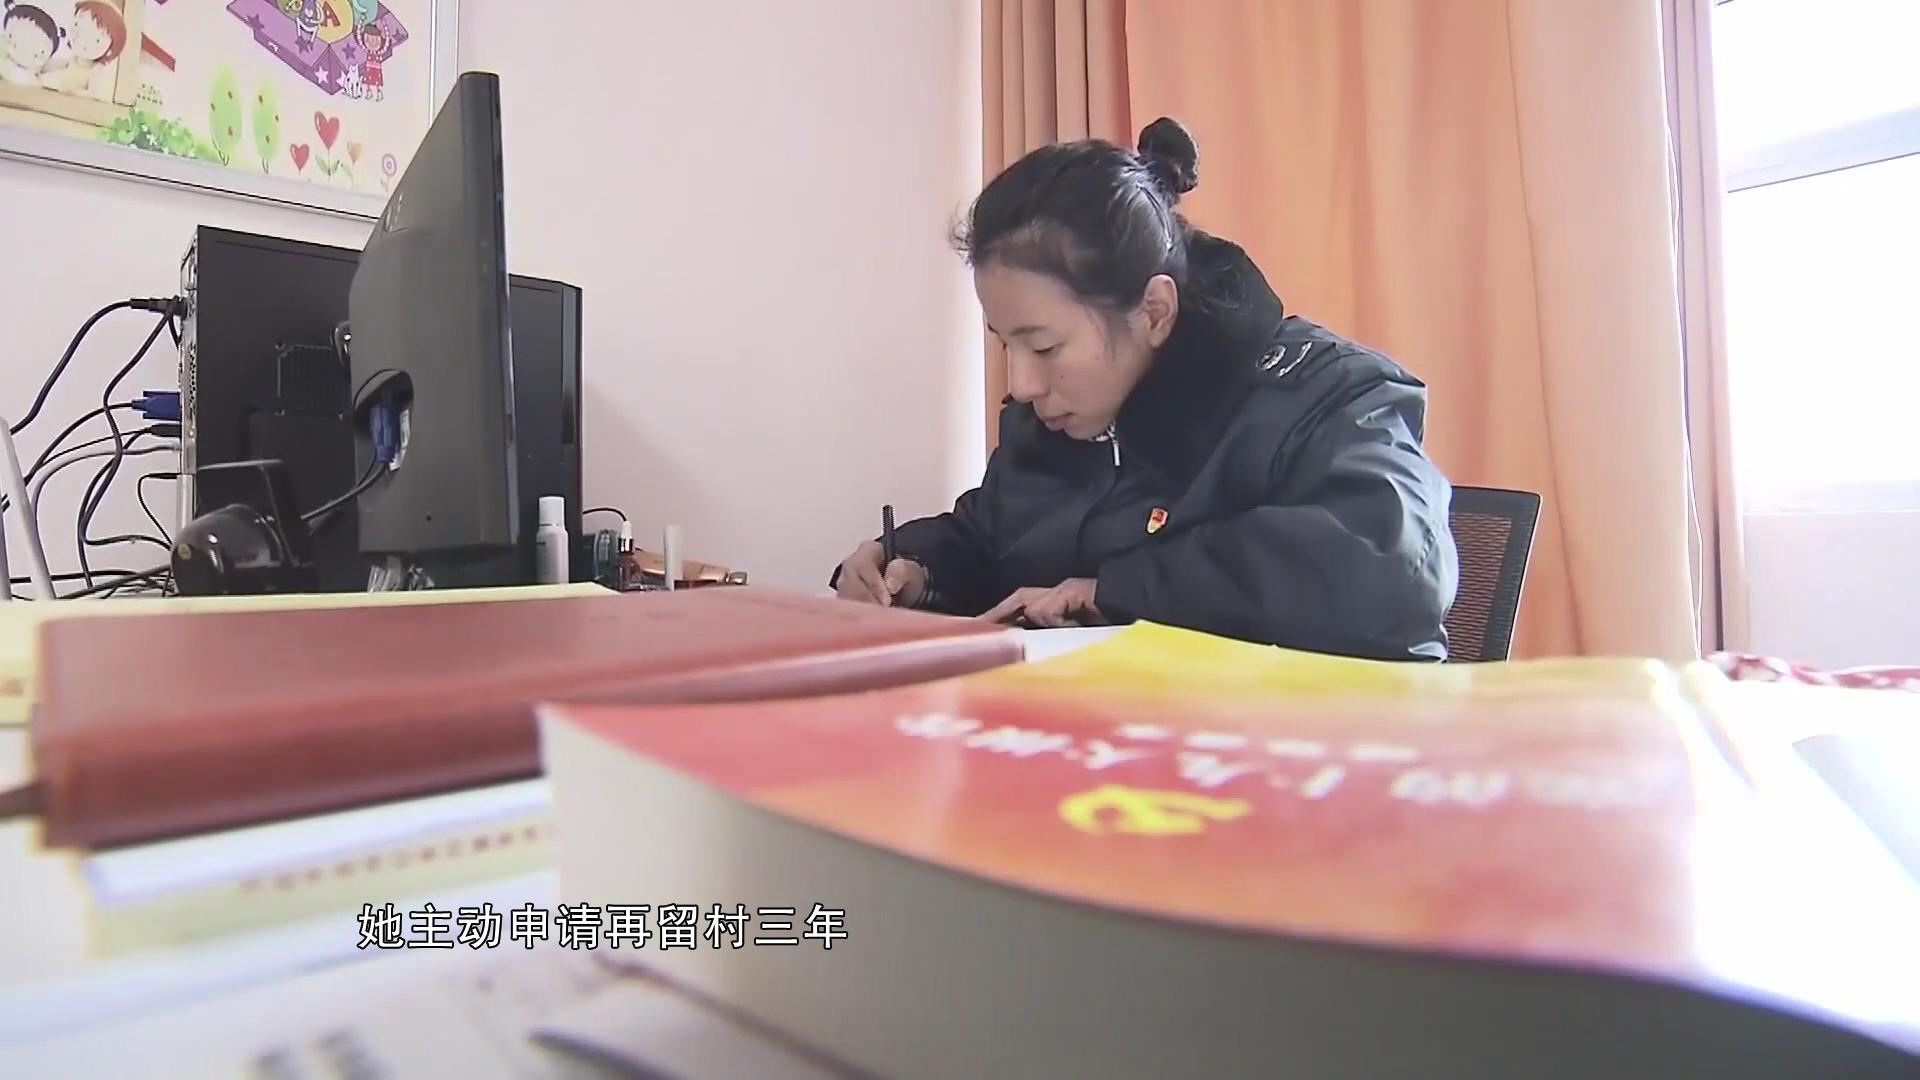 中國好人劉雙燕短片與現場訪談[00_02_40][20200317-151549].png